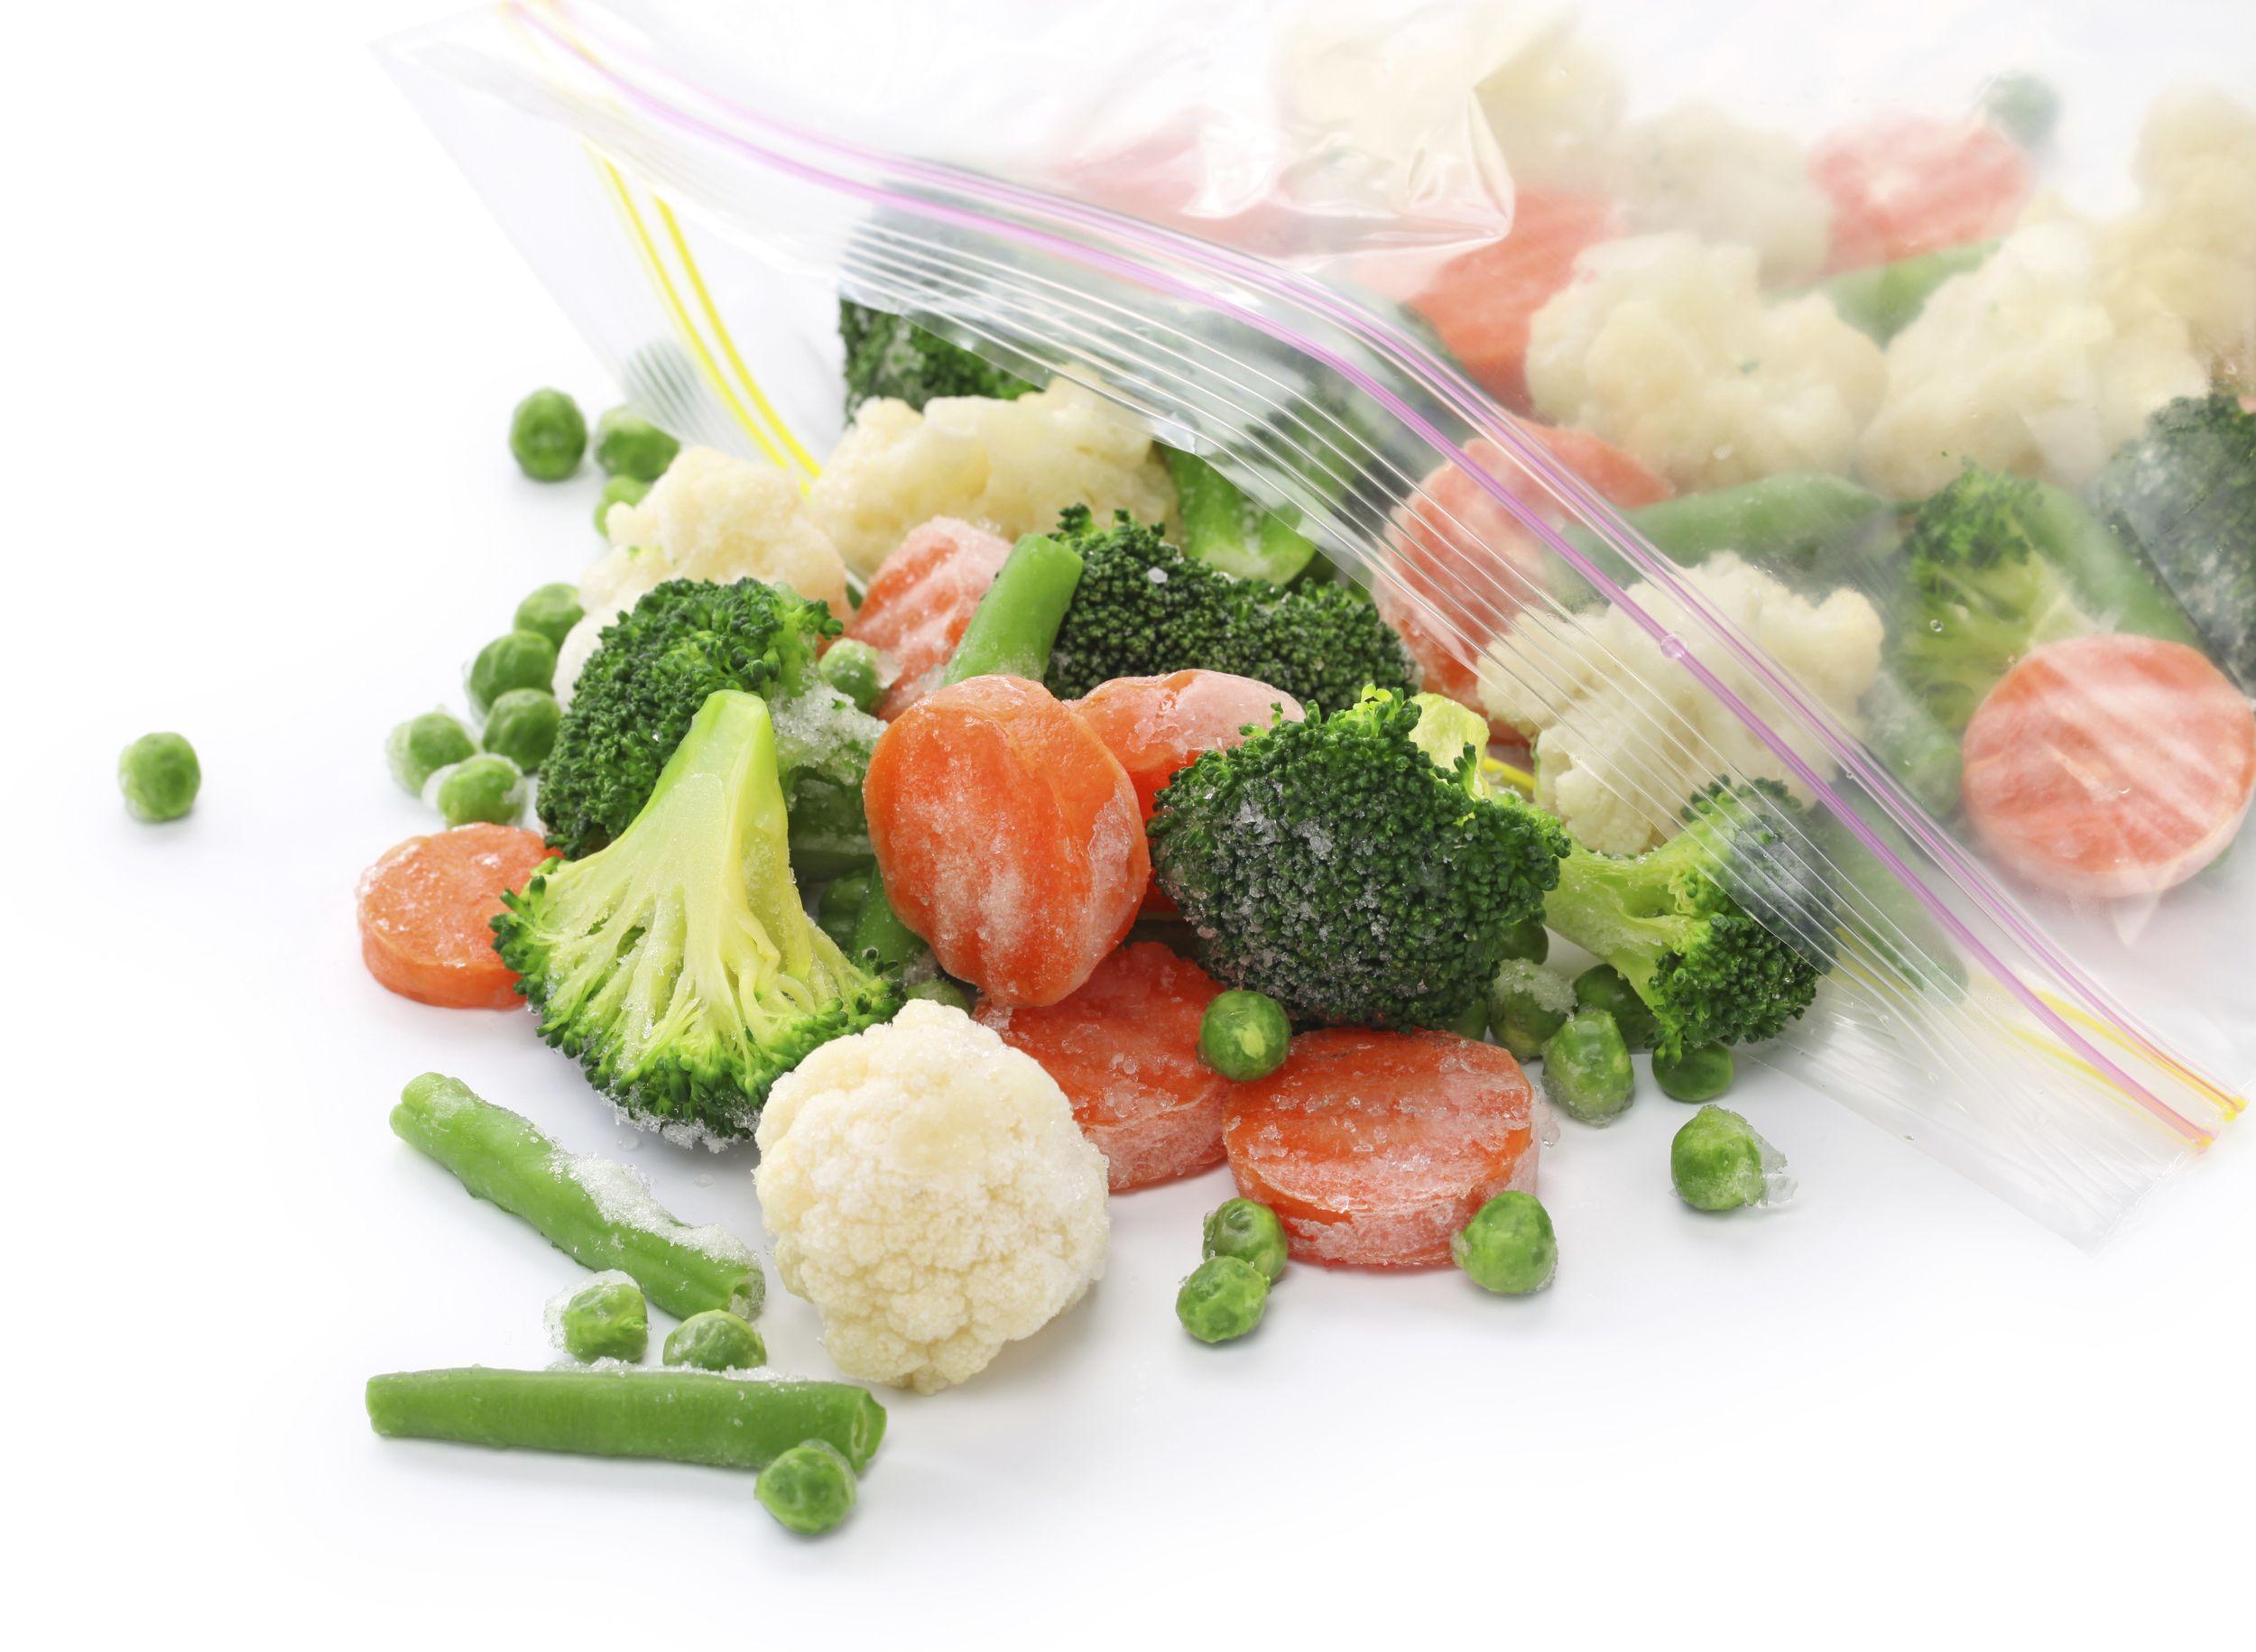 Com a correria dos dia atuais, congelar alimentos torna-se muito prático. Aprenda a congelar alimentos como frutas, vegetais, carnes e pães de maneira correta.